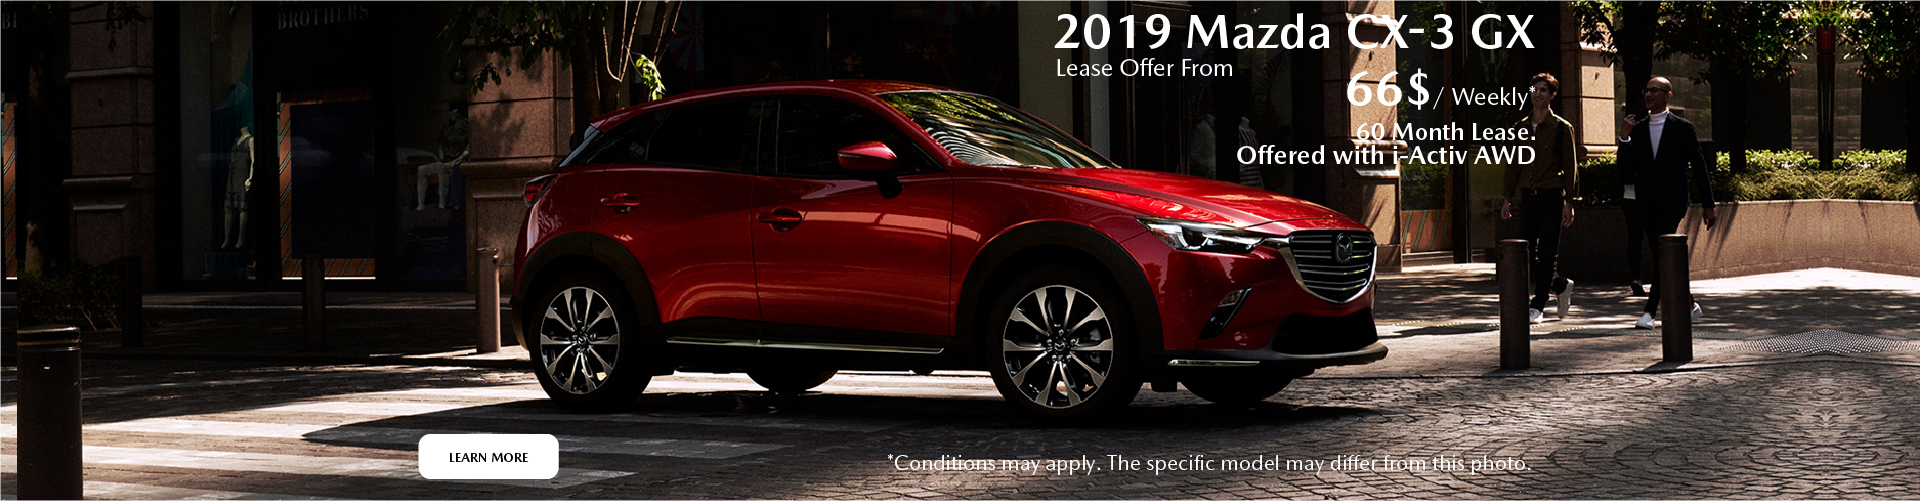 2019 Mazda CX-3